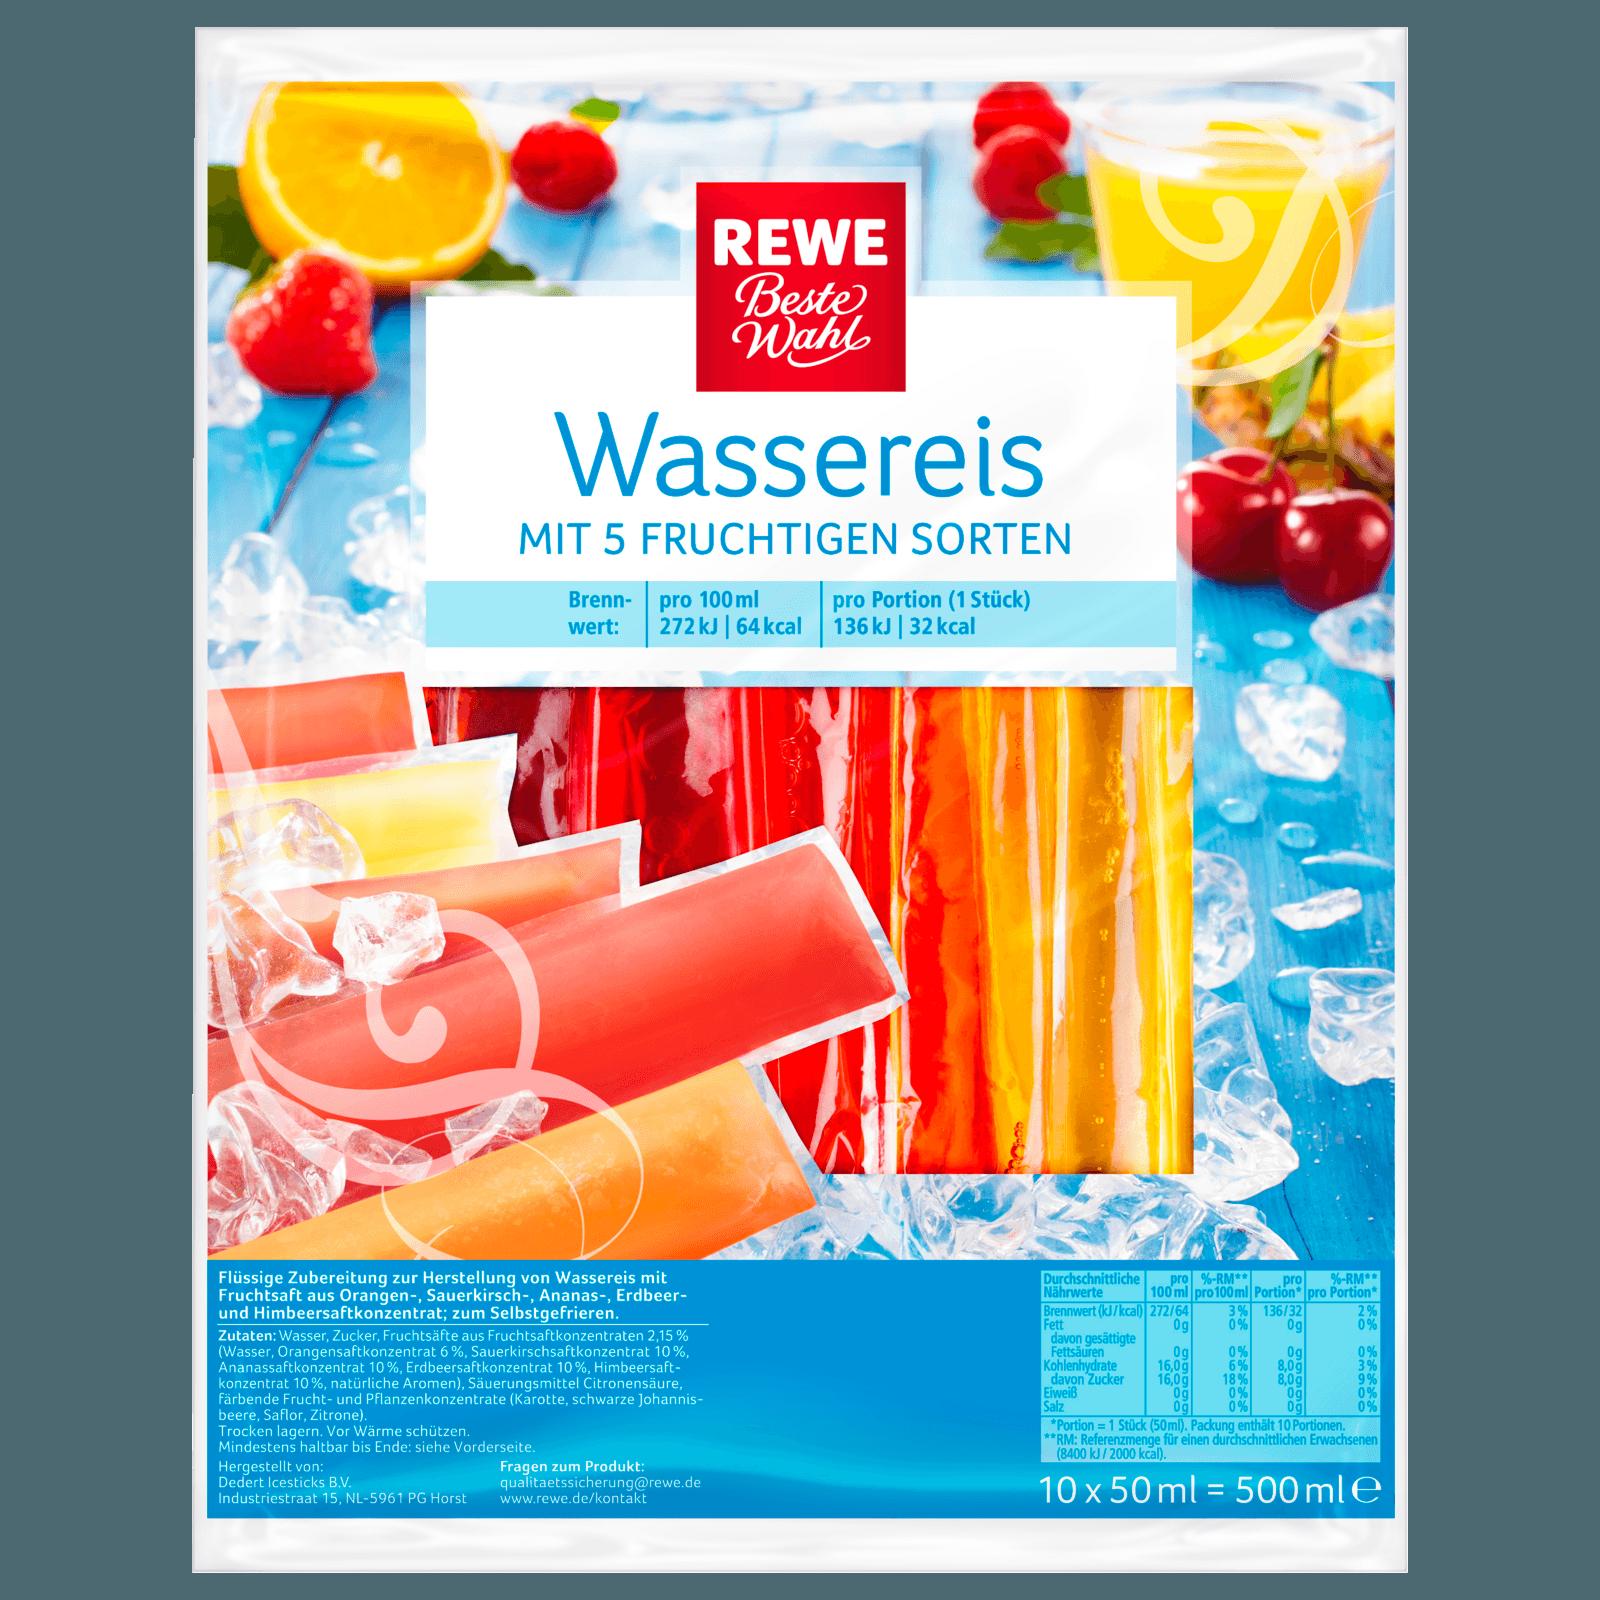 Rewe Beste Wahl Wassereis Mit Fruchtsaft 500ml Bei Rewe Online